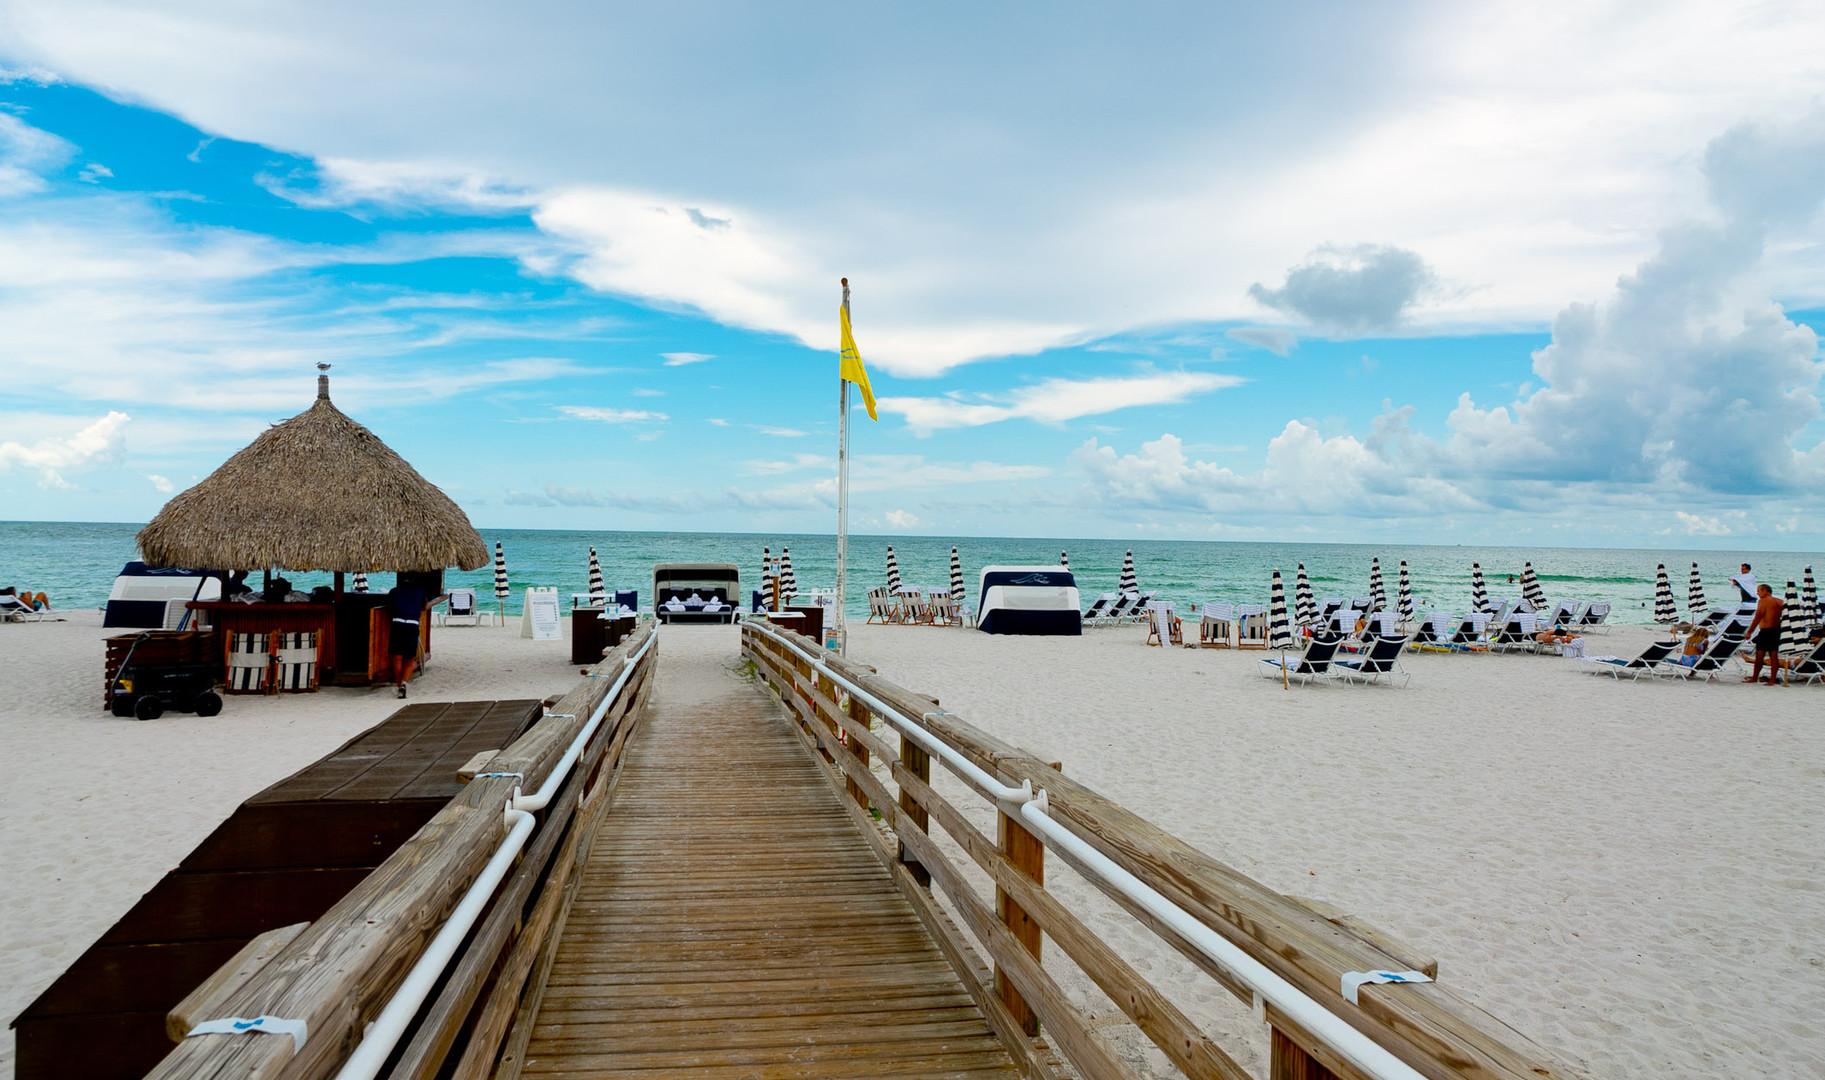 Boardwalk to private beach